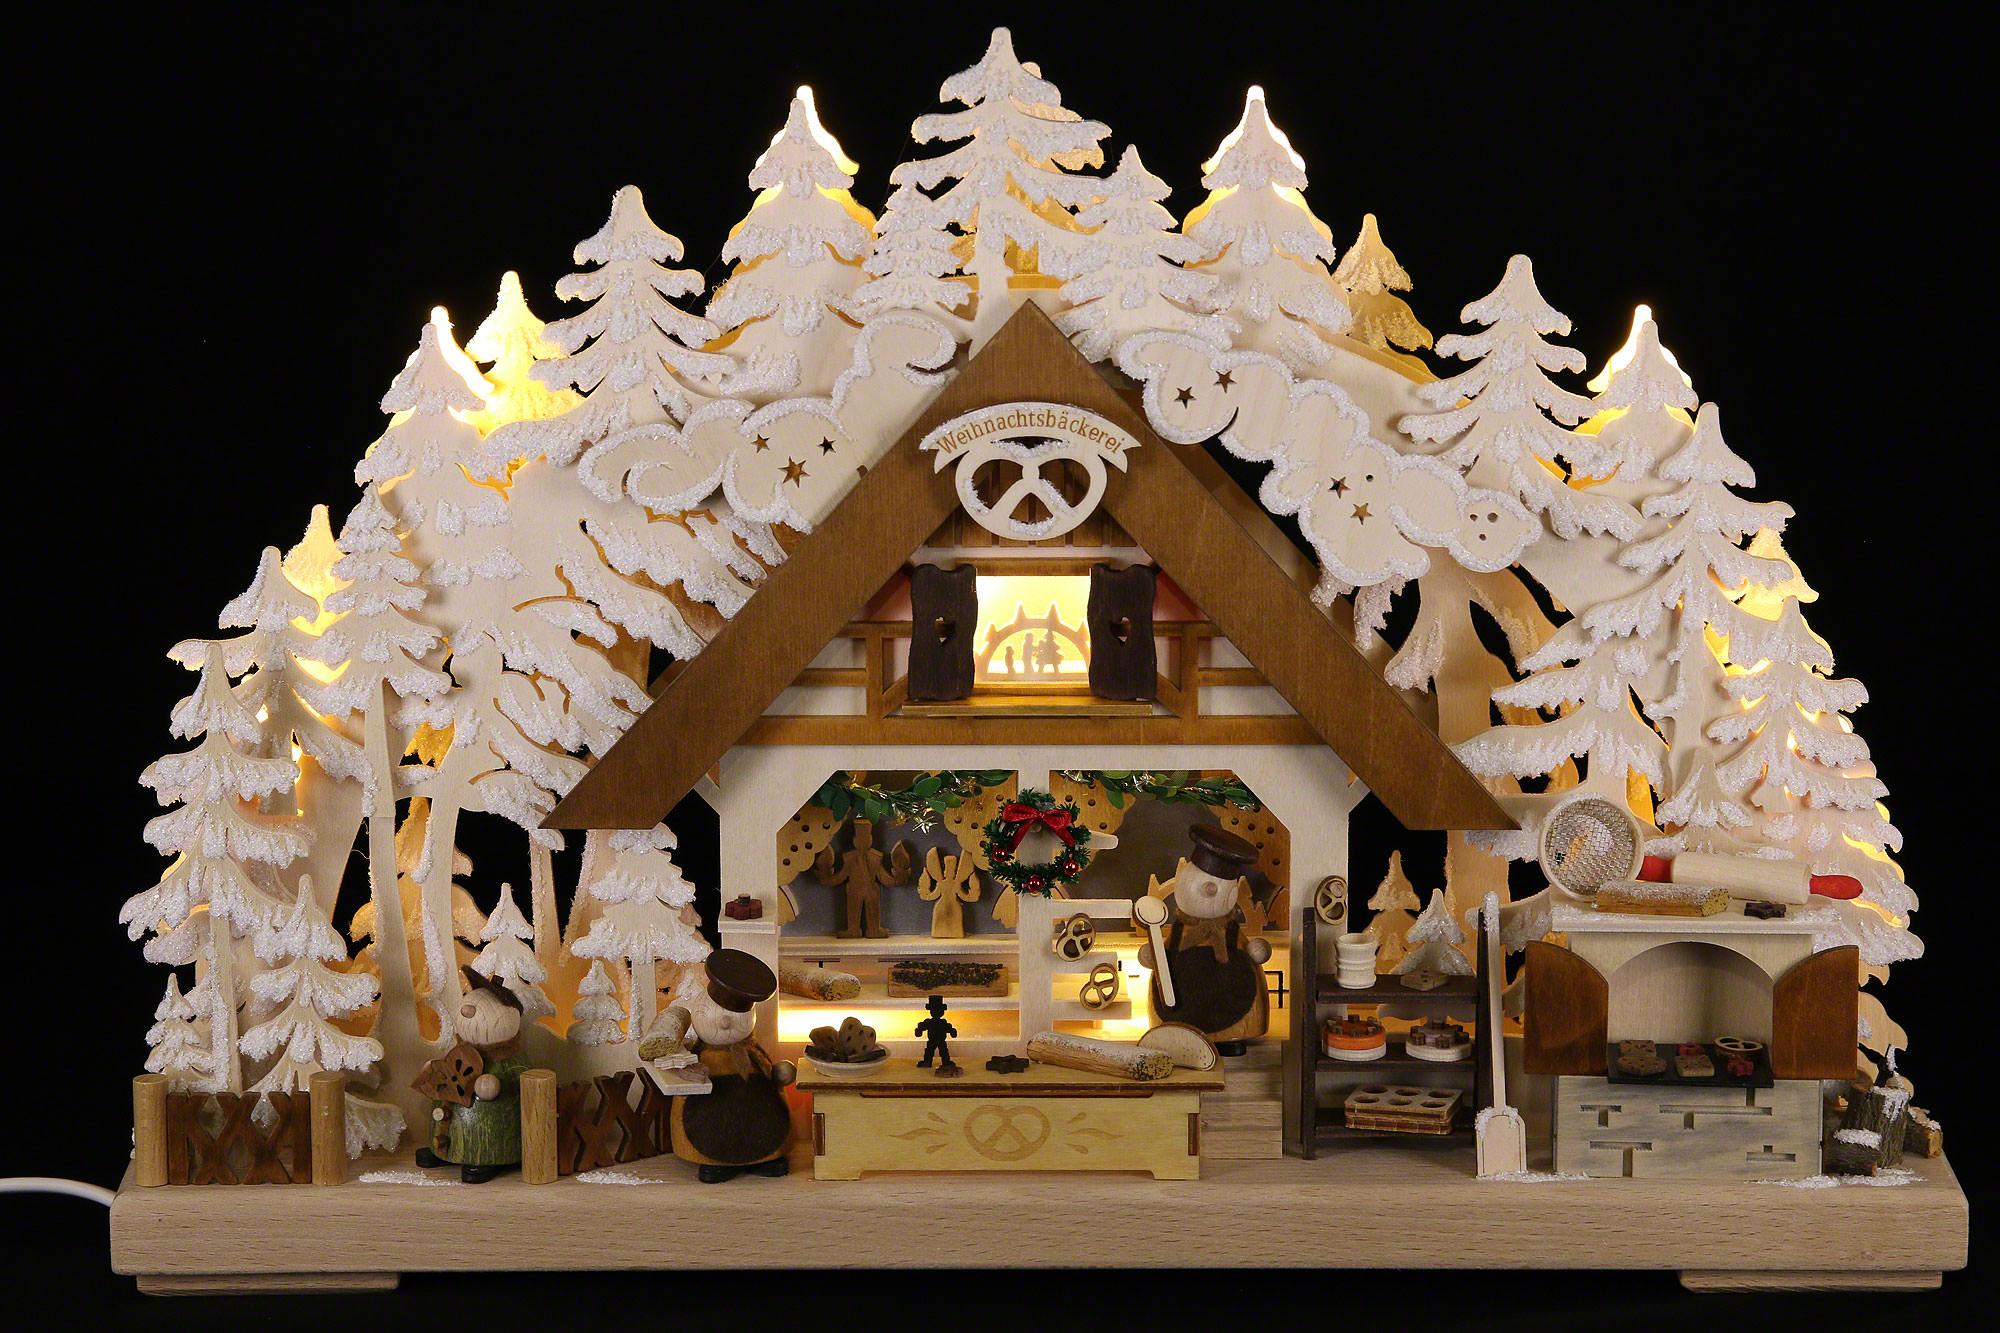 3d schwibbogen walki weihnachtsb ckerei mit raureif. Black Bedroom Furniture Sets. Home Design Ideas